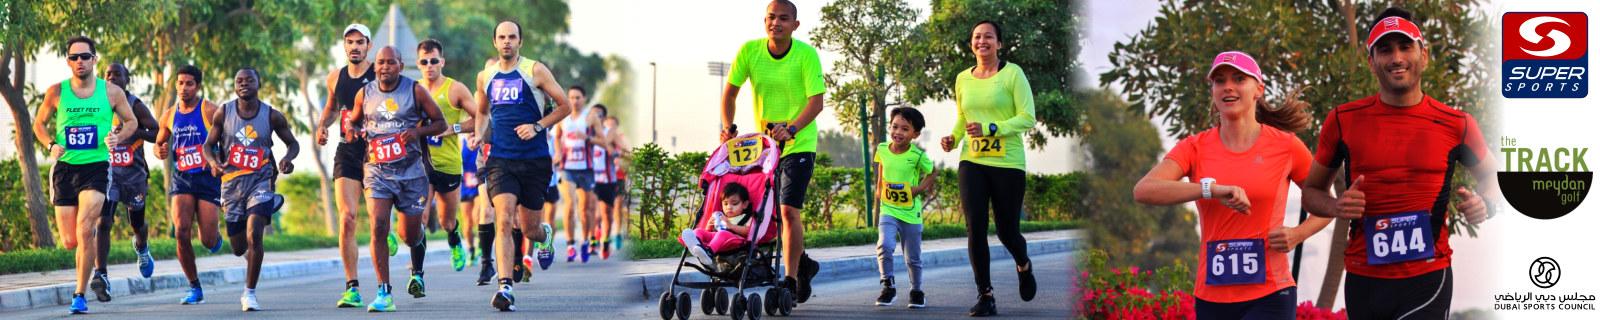 Super Sports Run 10 miler(16k),10k,5k,3k